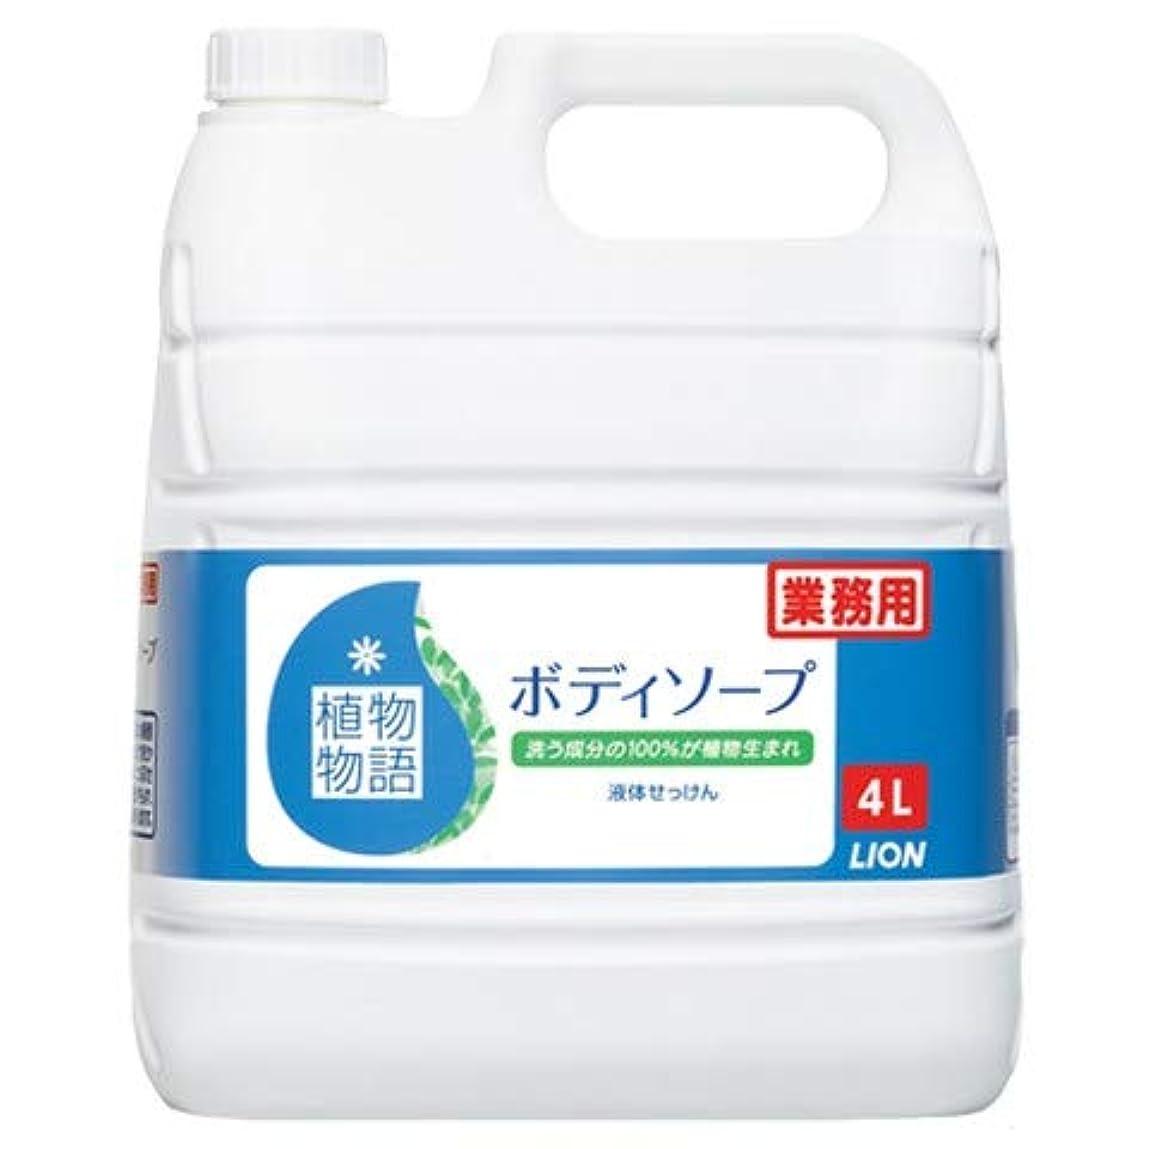 アレルギー性濃度出撃者ライオン 植物物語ボディソープ 業務用 4L